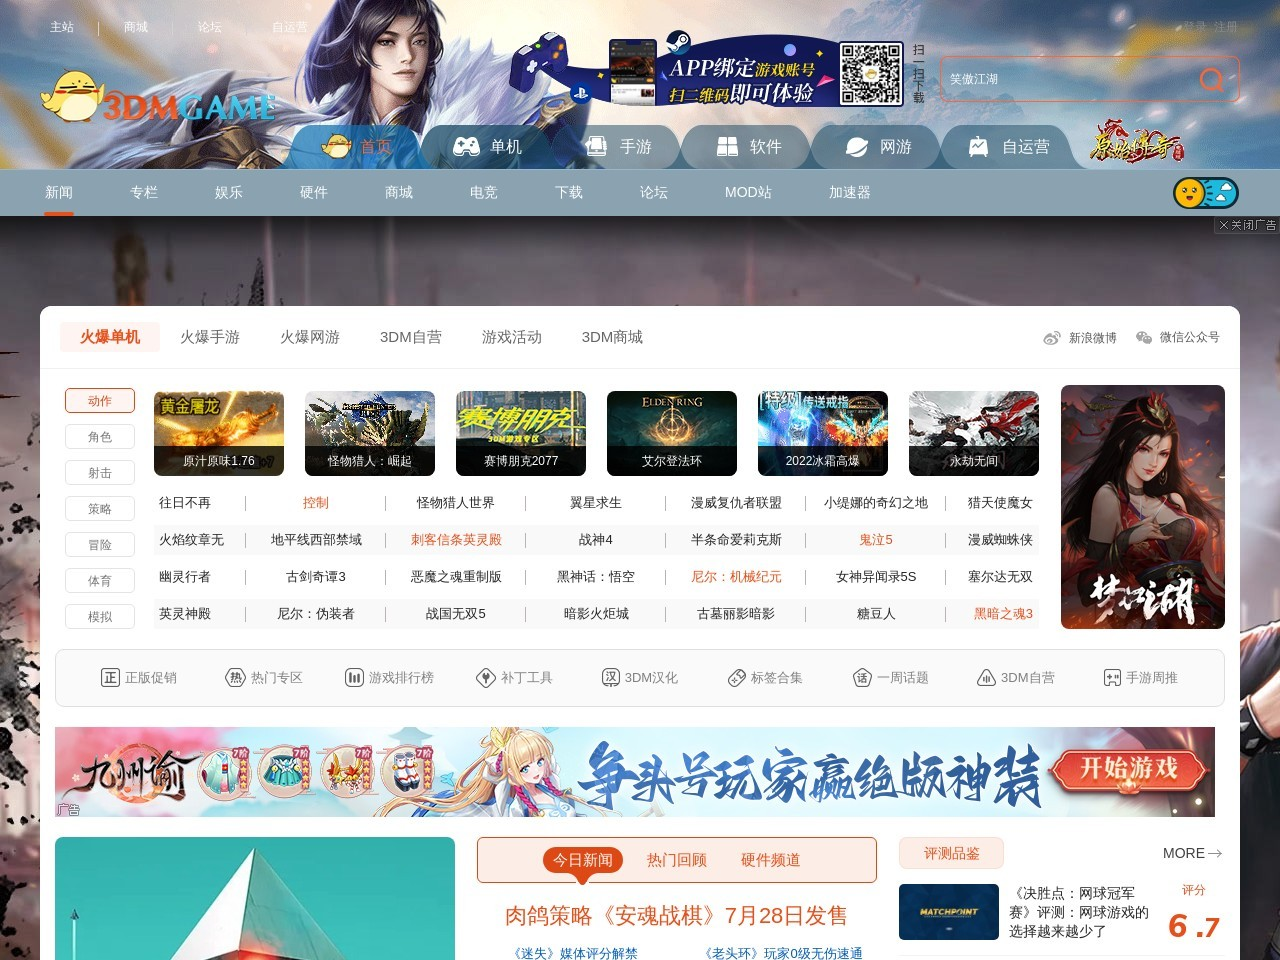 腾讯宣布:QQ付费入群功能即将停止服务_3DM单机